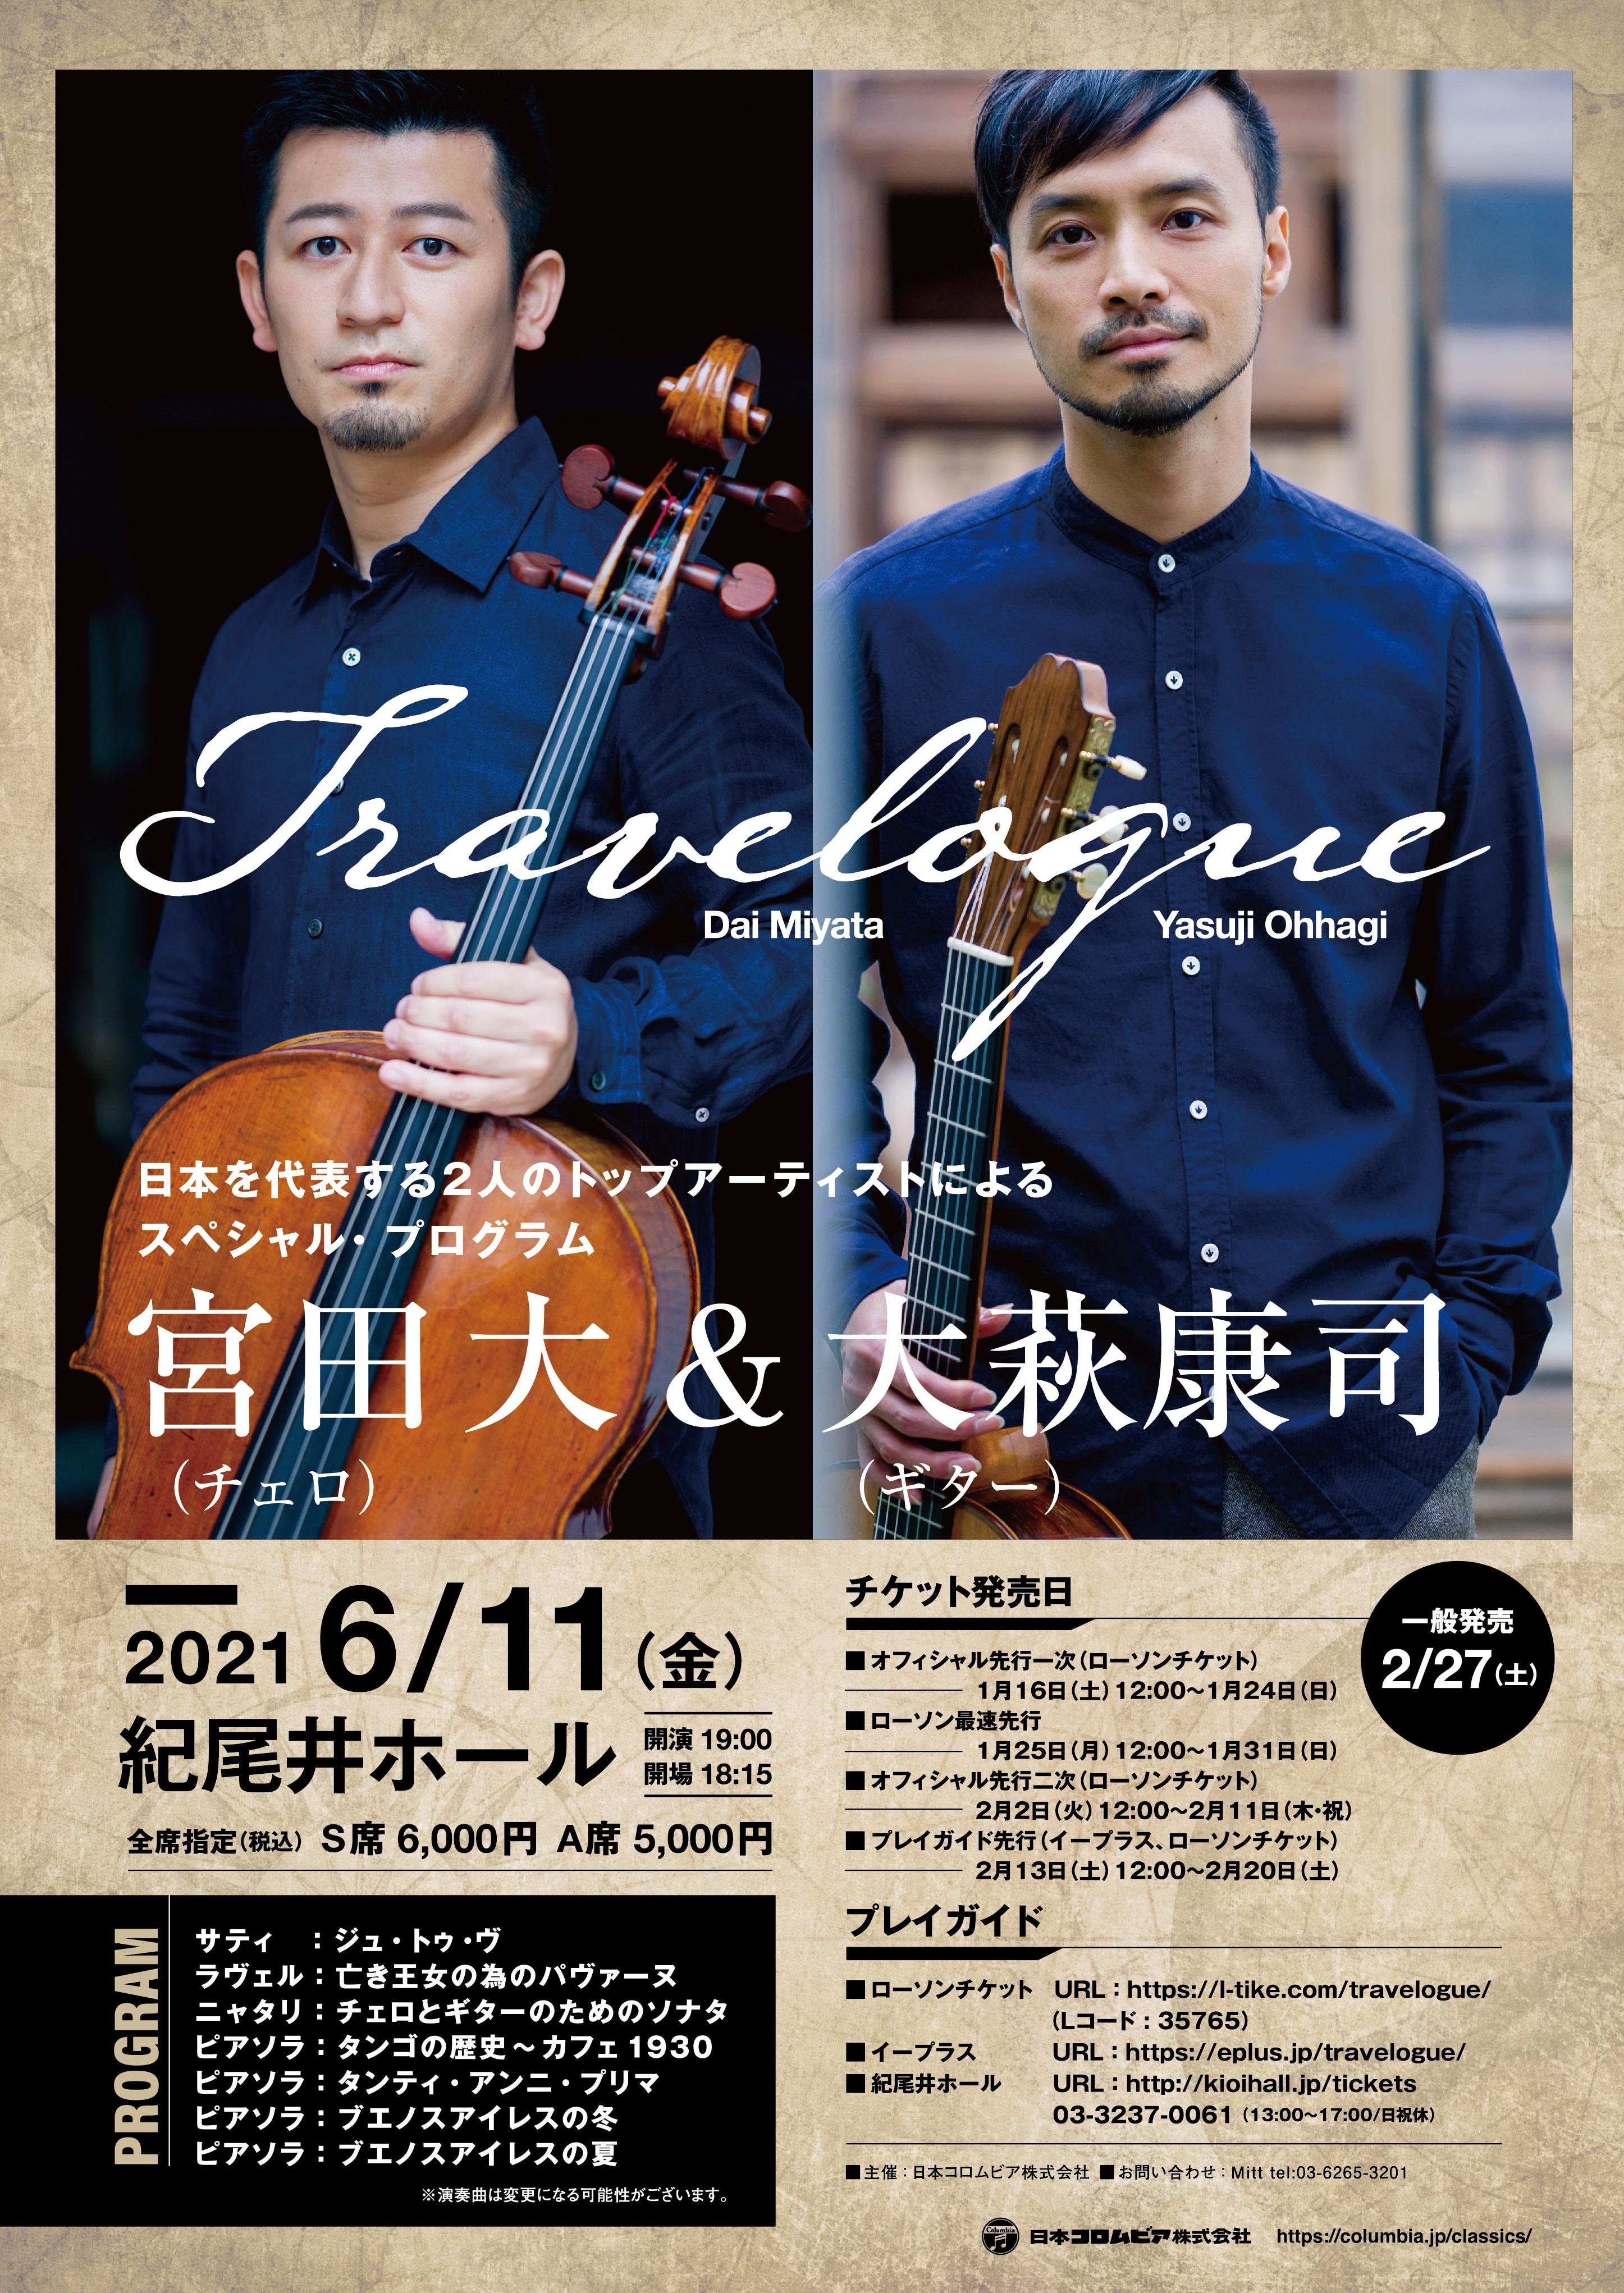 2021/6/11 宮田大(チェロ)&大萩康司(ギター)・表面